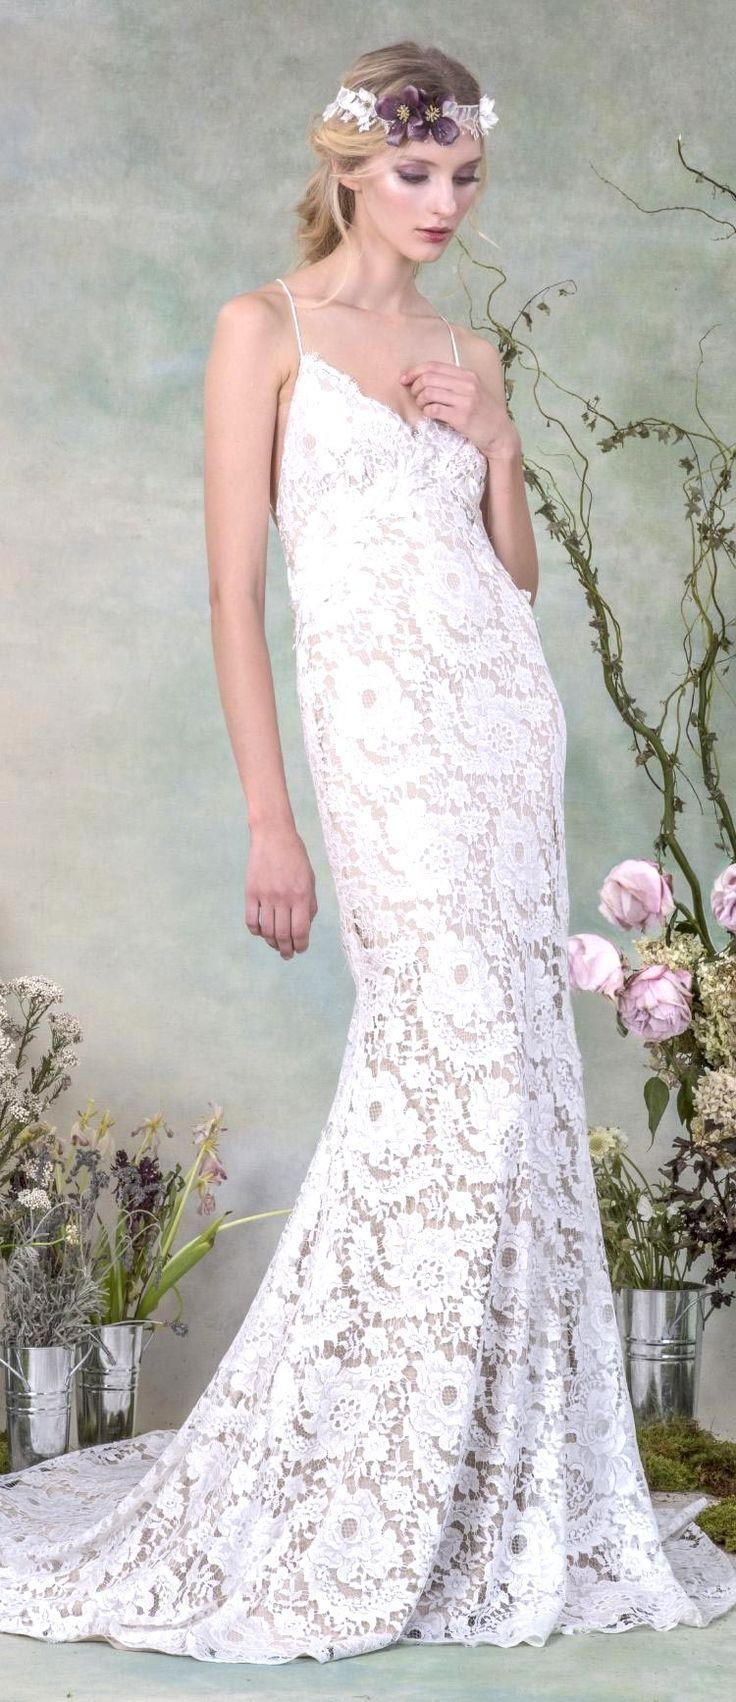 エリザベスフィルモア | Elizabeth Fillmore | ウェディングドレス | THE TREAT DRESSING 【トリートドレッシング】